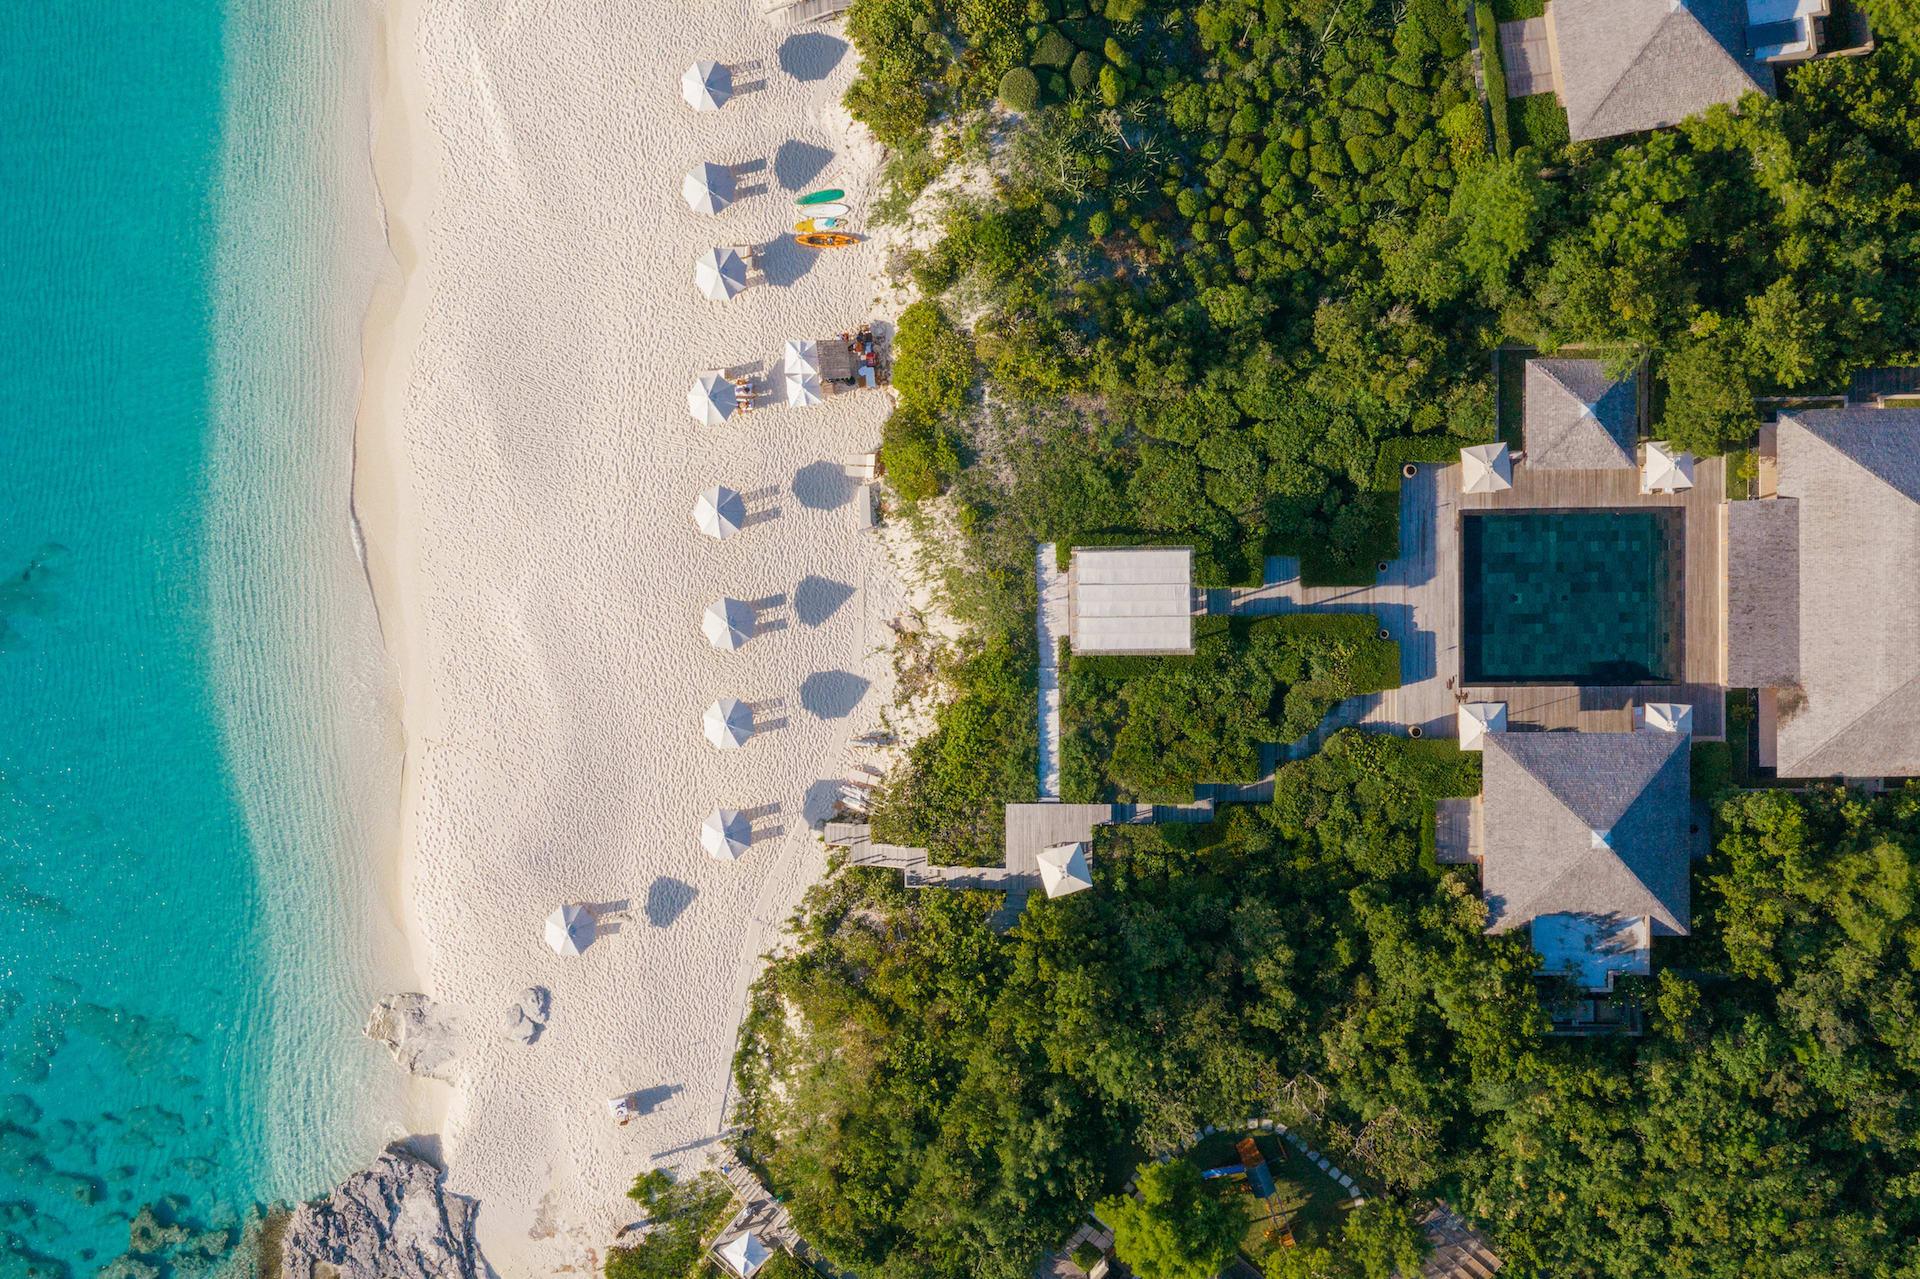 Aman eröffnet neues Luxushotel in Miami Beach 1